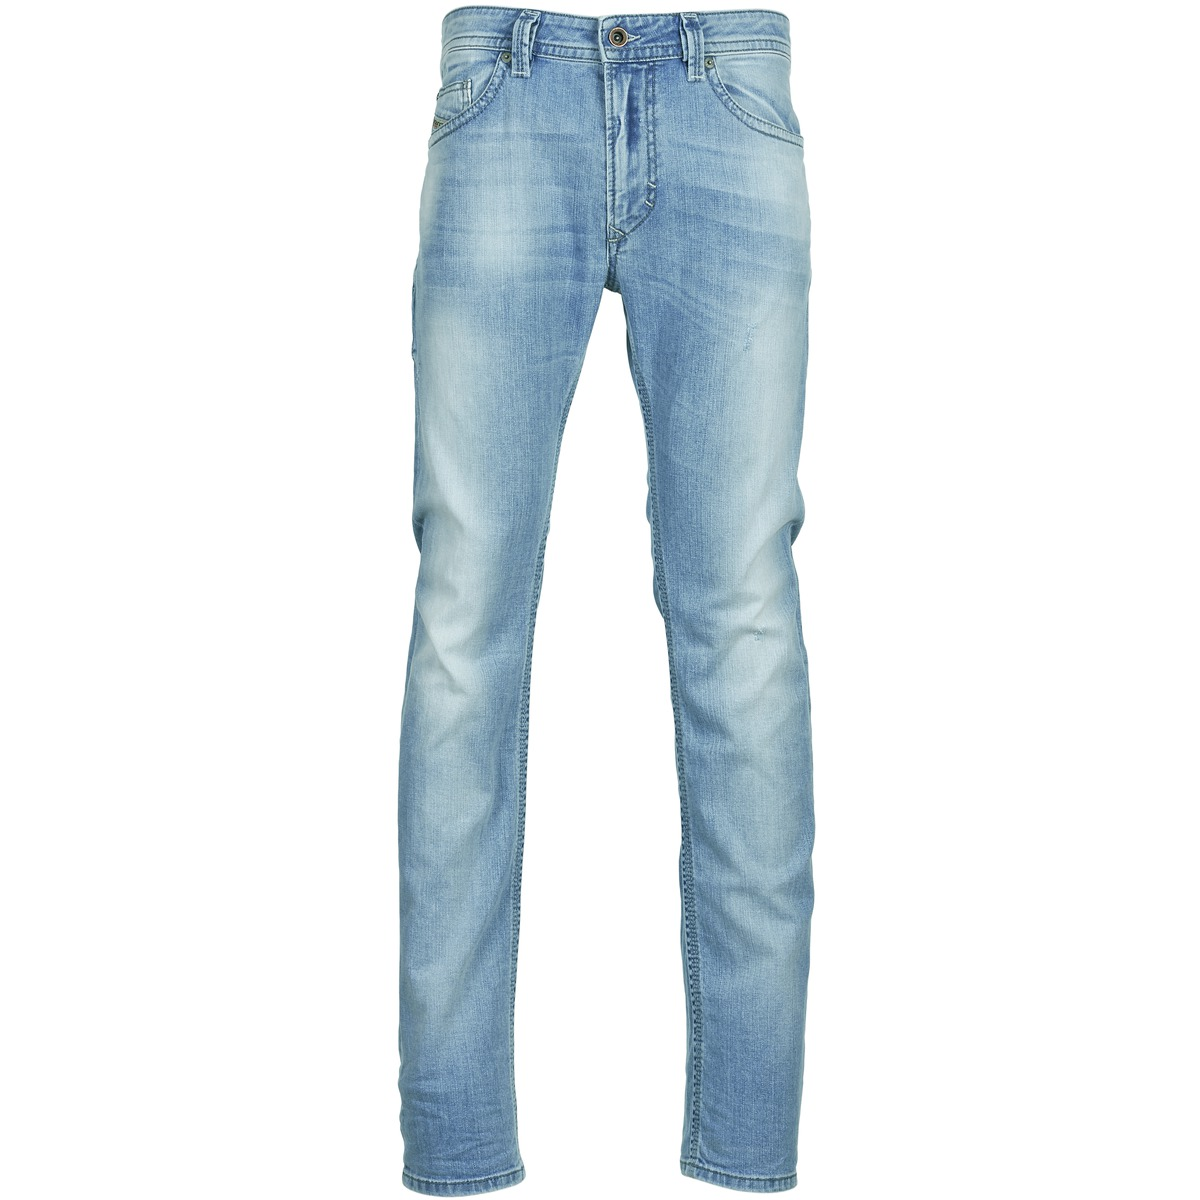 jeans slim diesel thavar bleu clair jeans homme spartoo. Black Bedroom Furniture Sets. Home Design Ideas